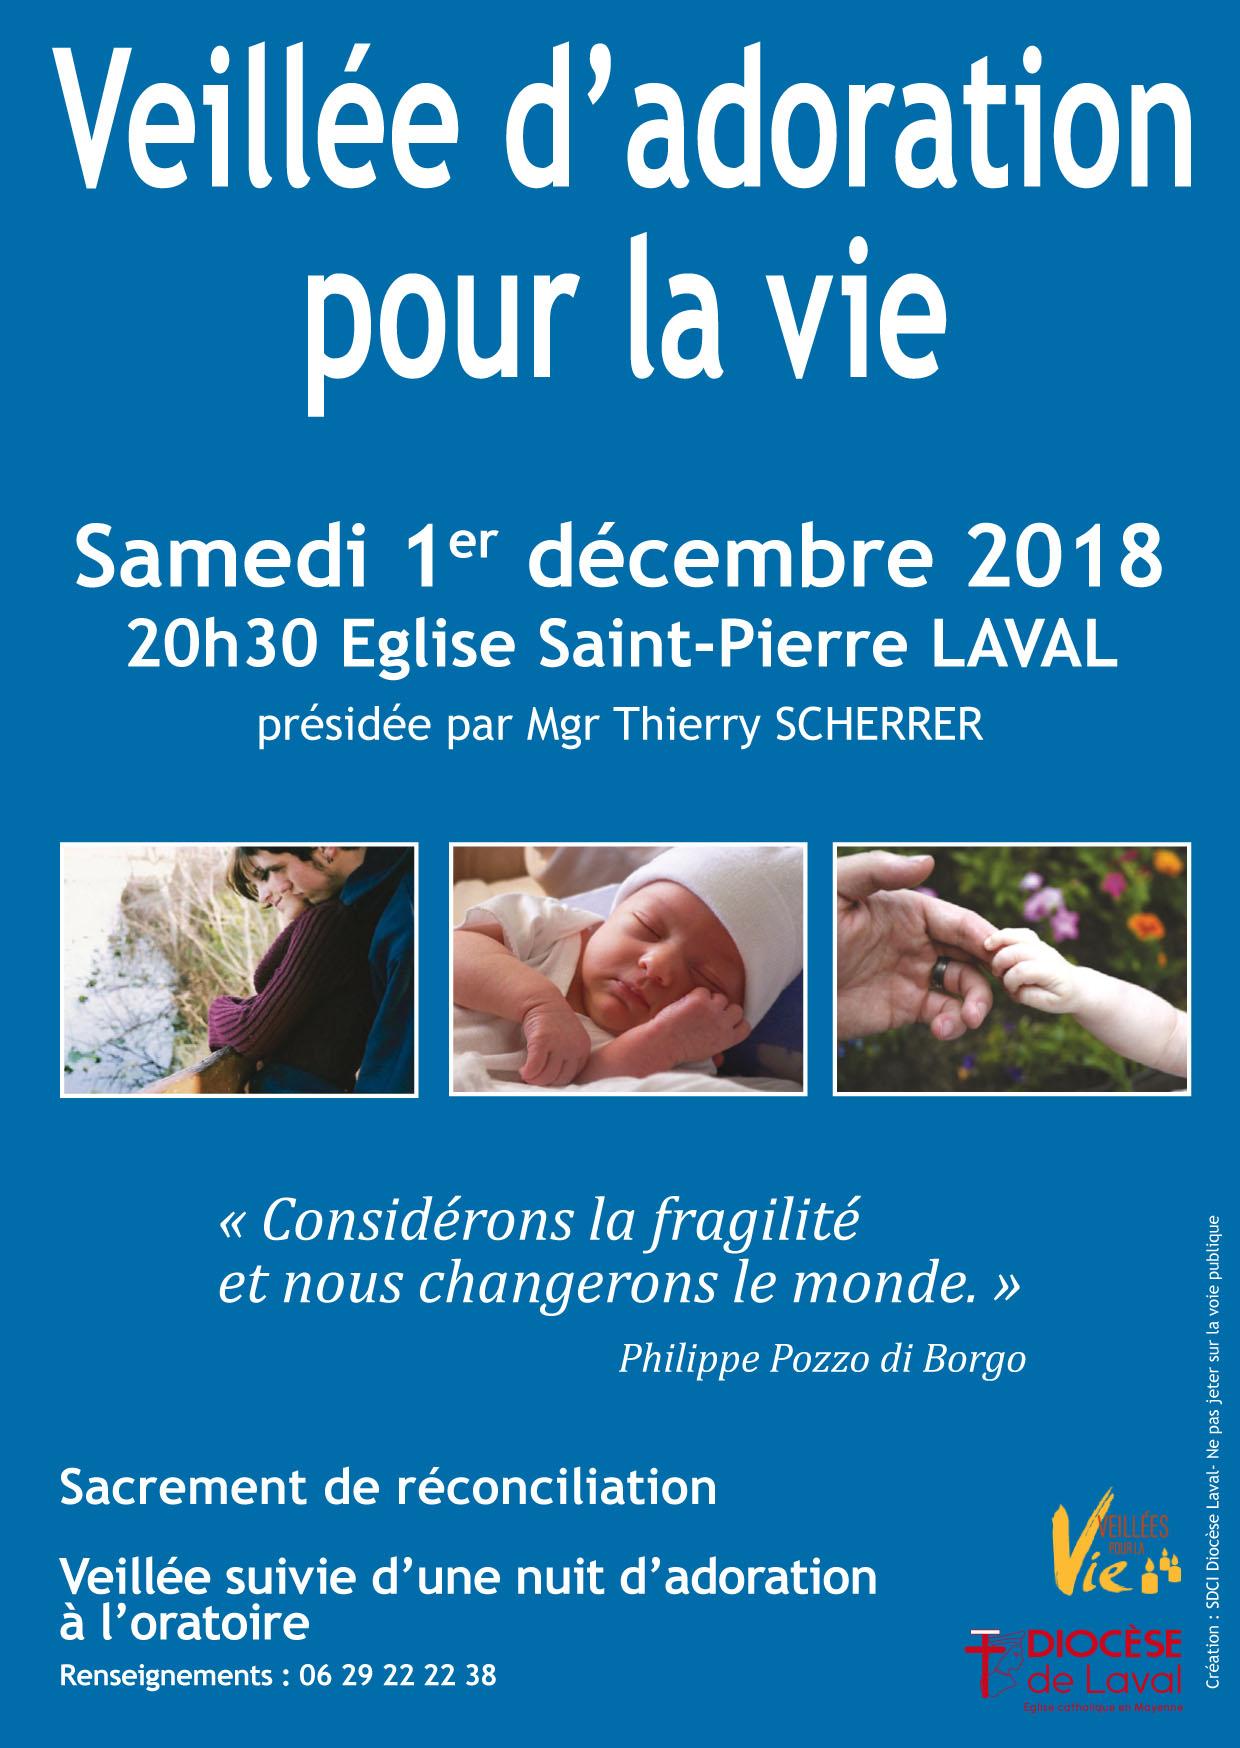 Venez prier et adorer pour la Vie le 1er décembre 2018 à Laval (53)